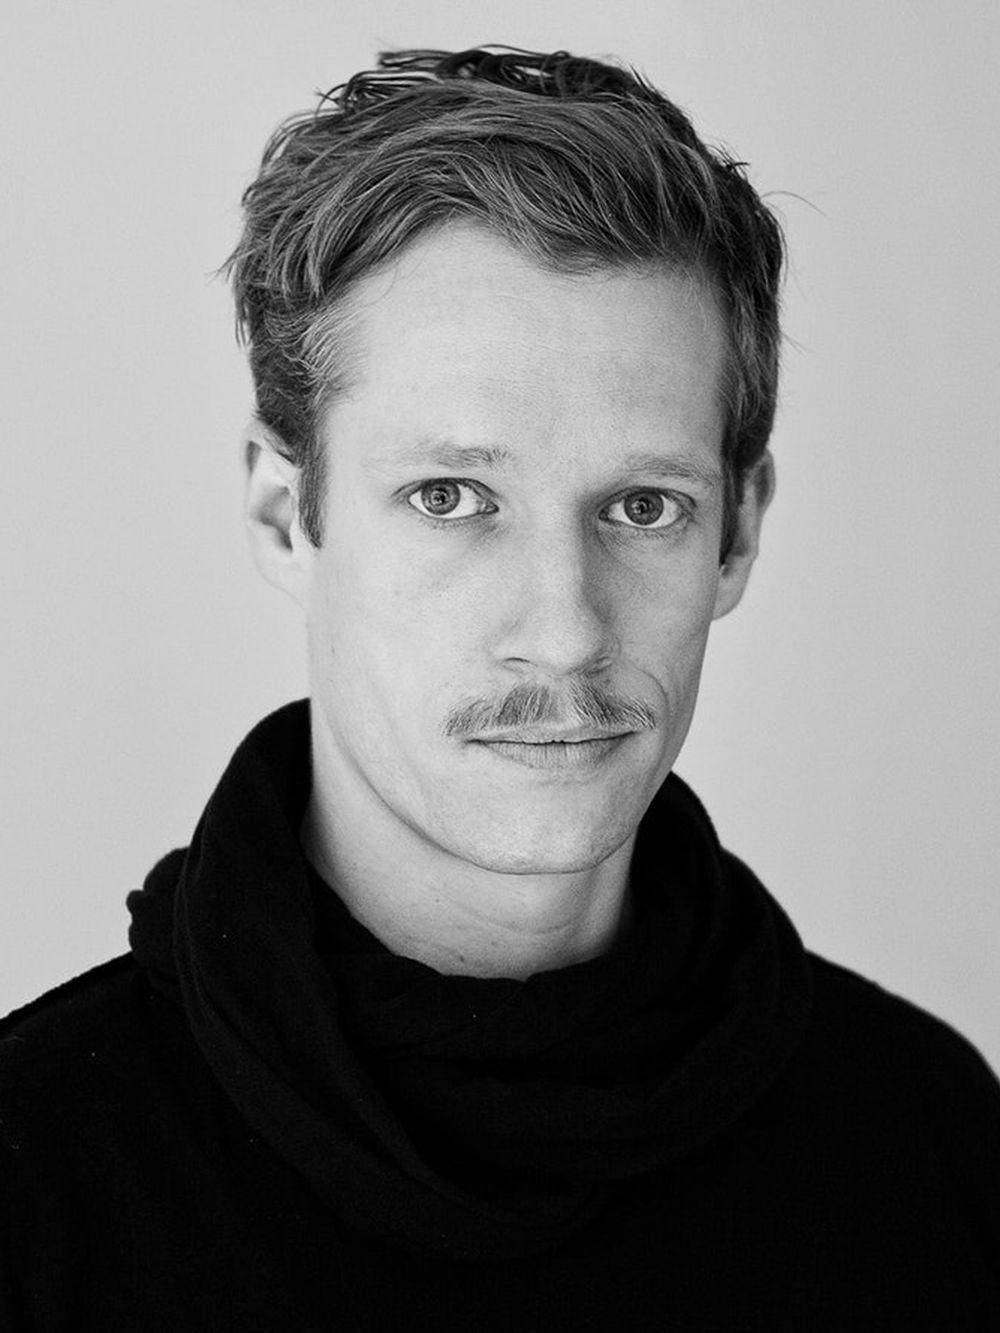 Industrial designer David Geckeler